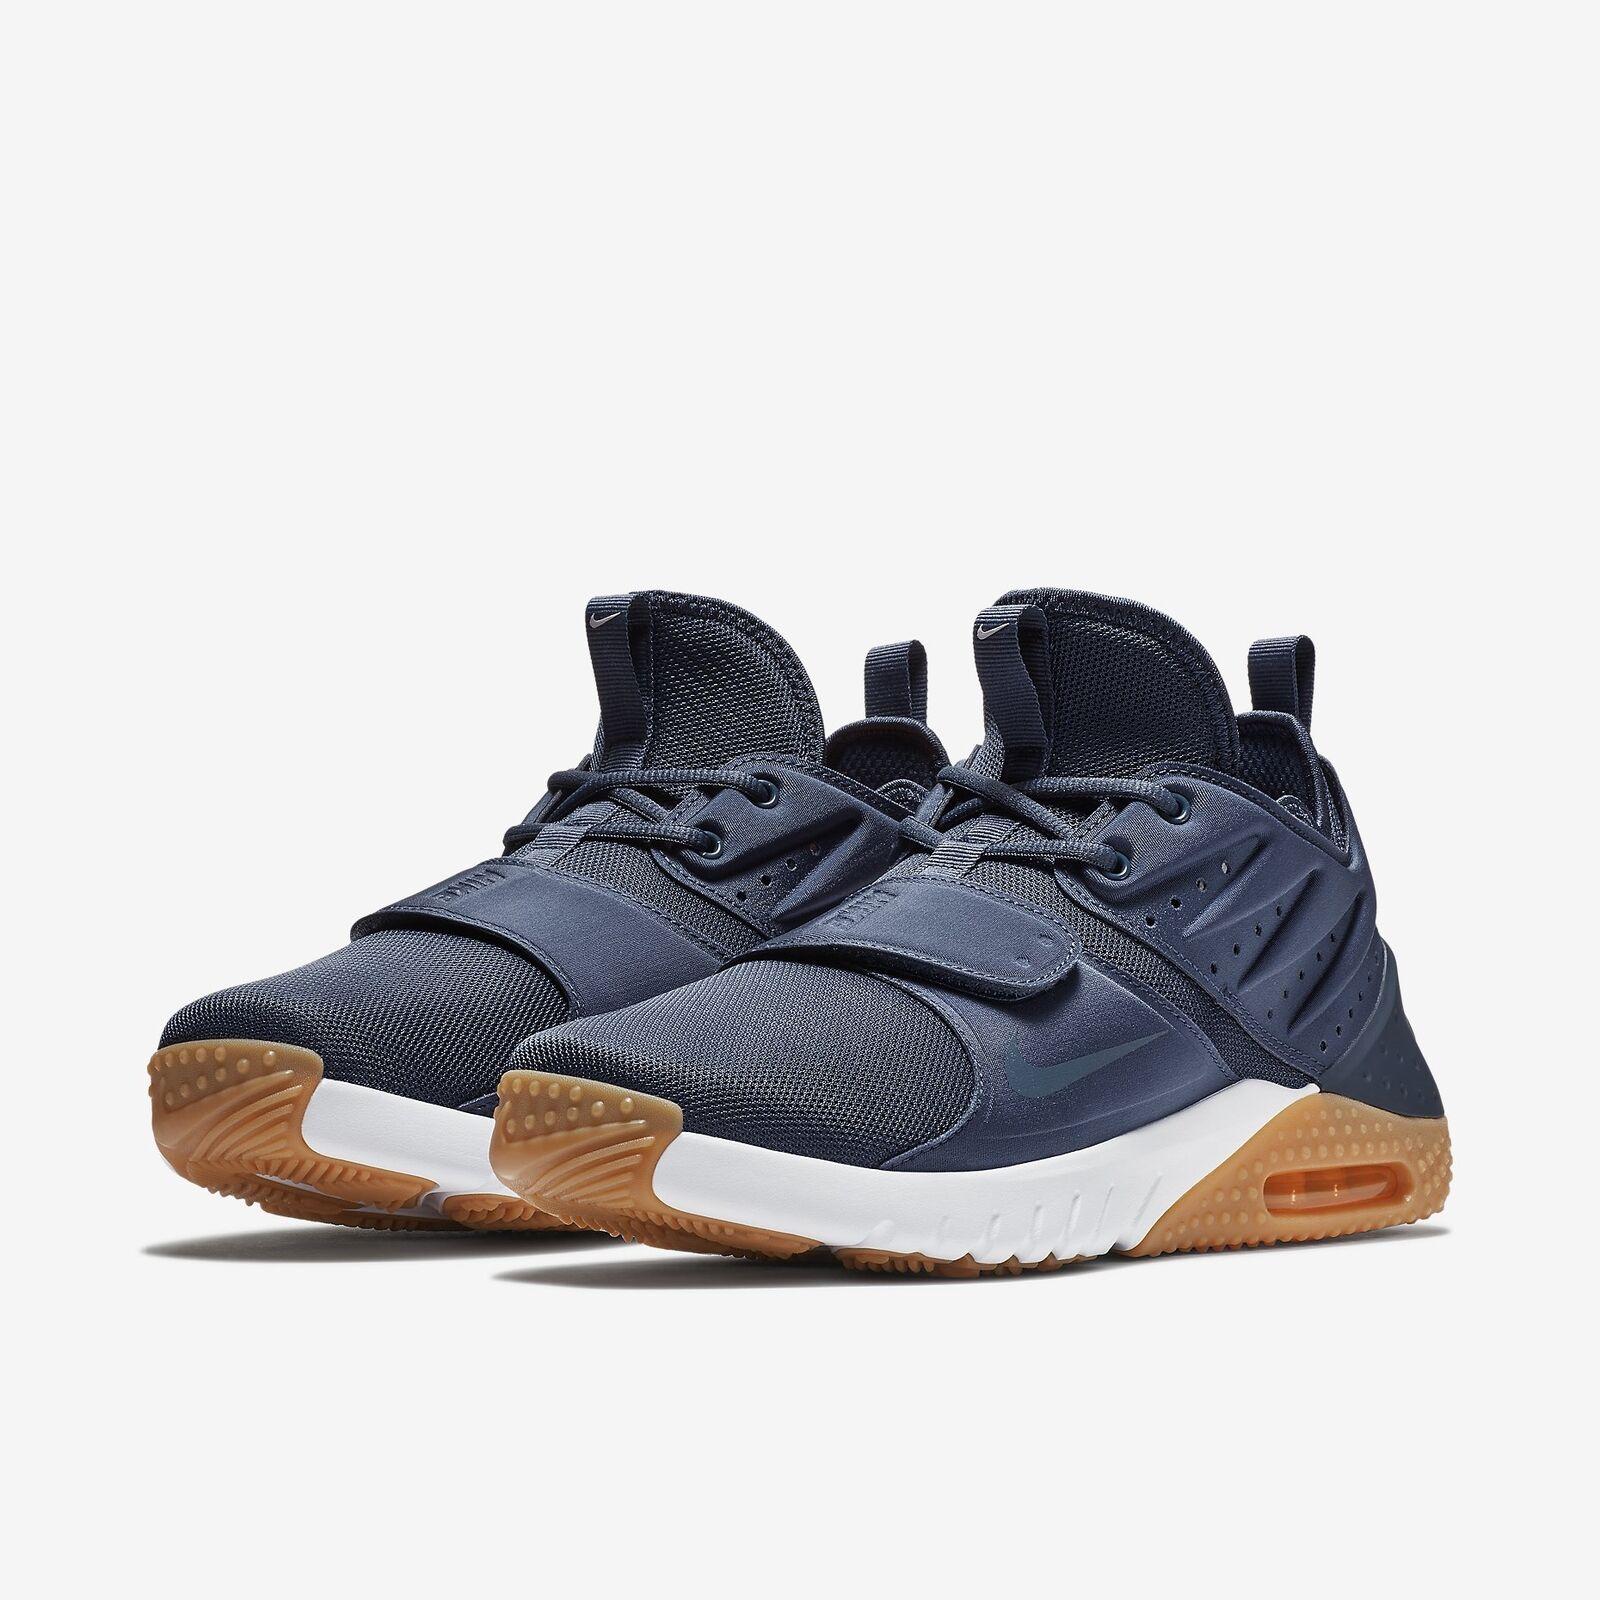 Nike air max allenatore 1 ossidiana gomma gomma gomma blu retro croce nuova formazione mens | Bella E Affascinante  | Gentiluomo/Signora Scarpa  abd145